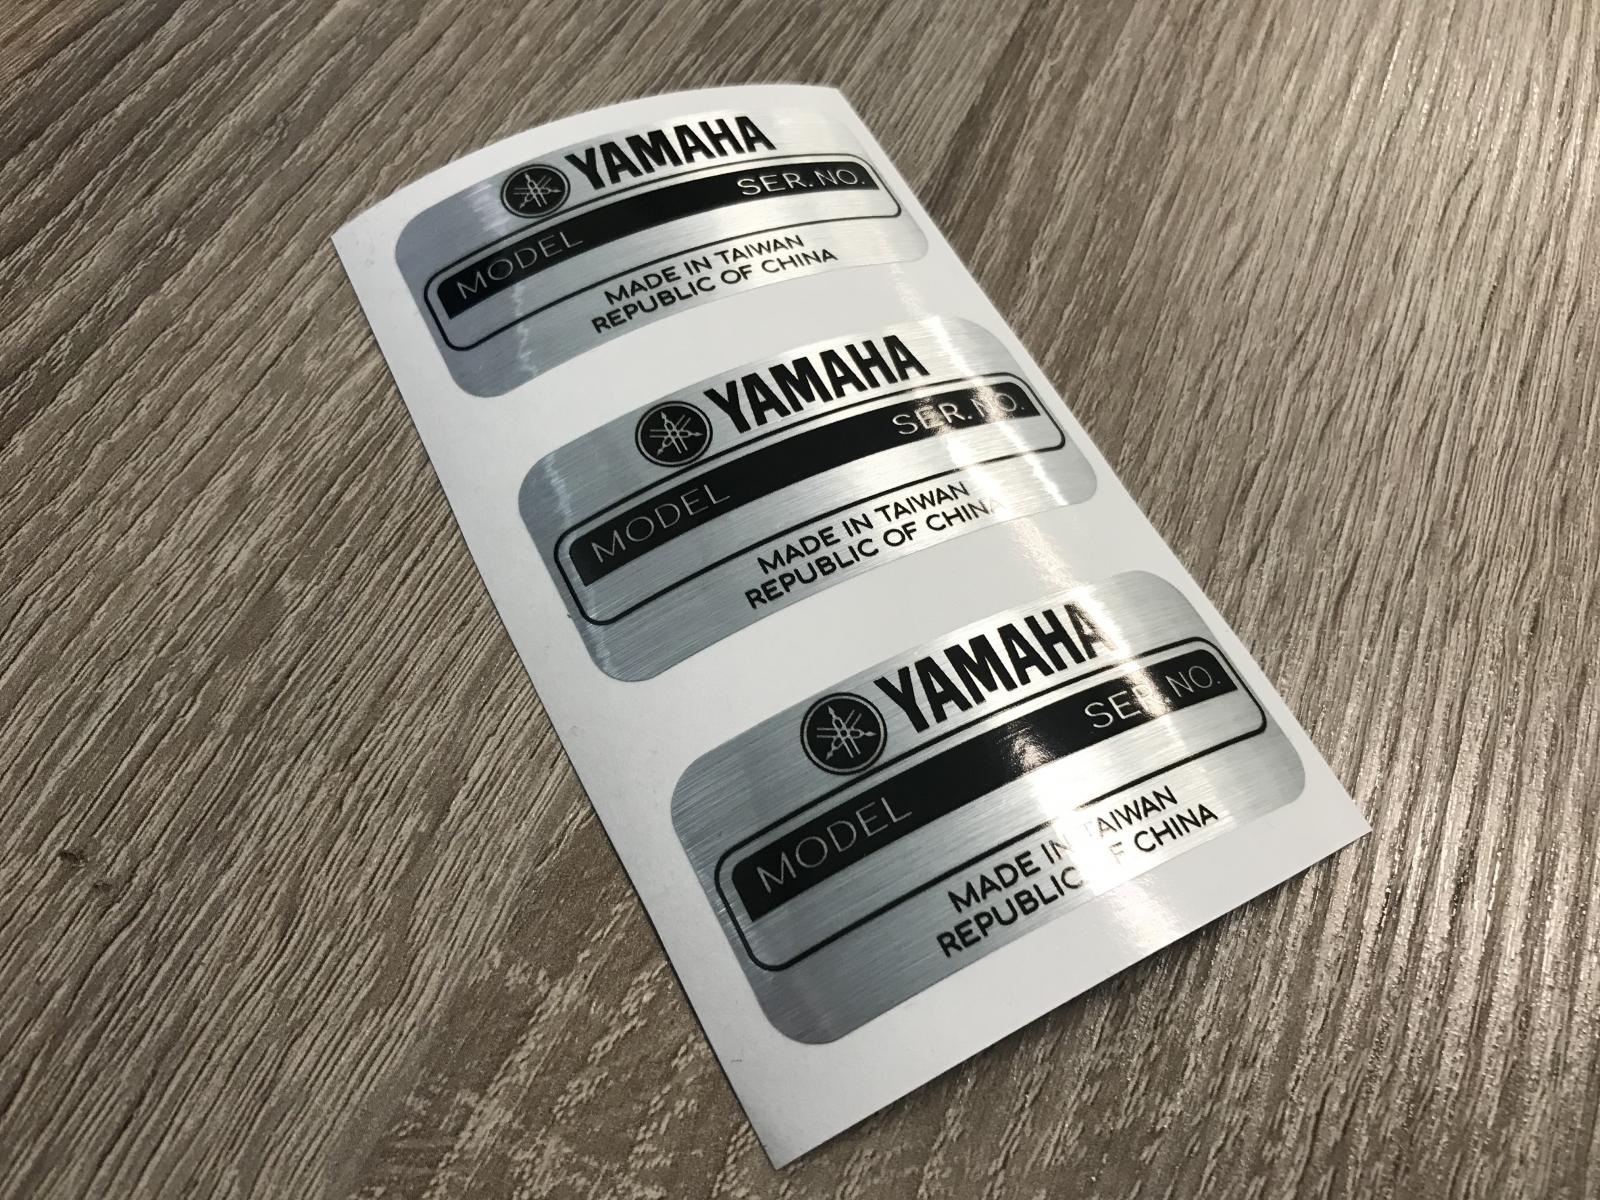 Stampa Etichette Argento spazzolato, adesivi cromati sagomati